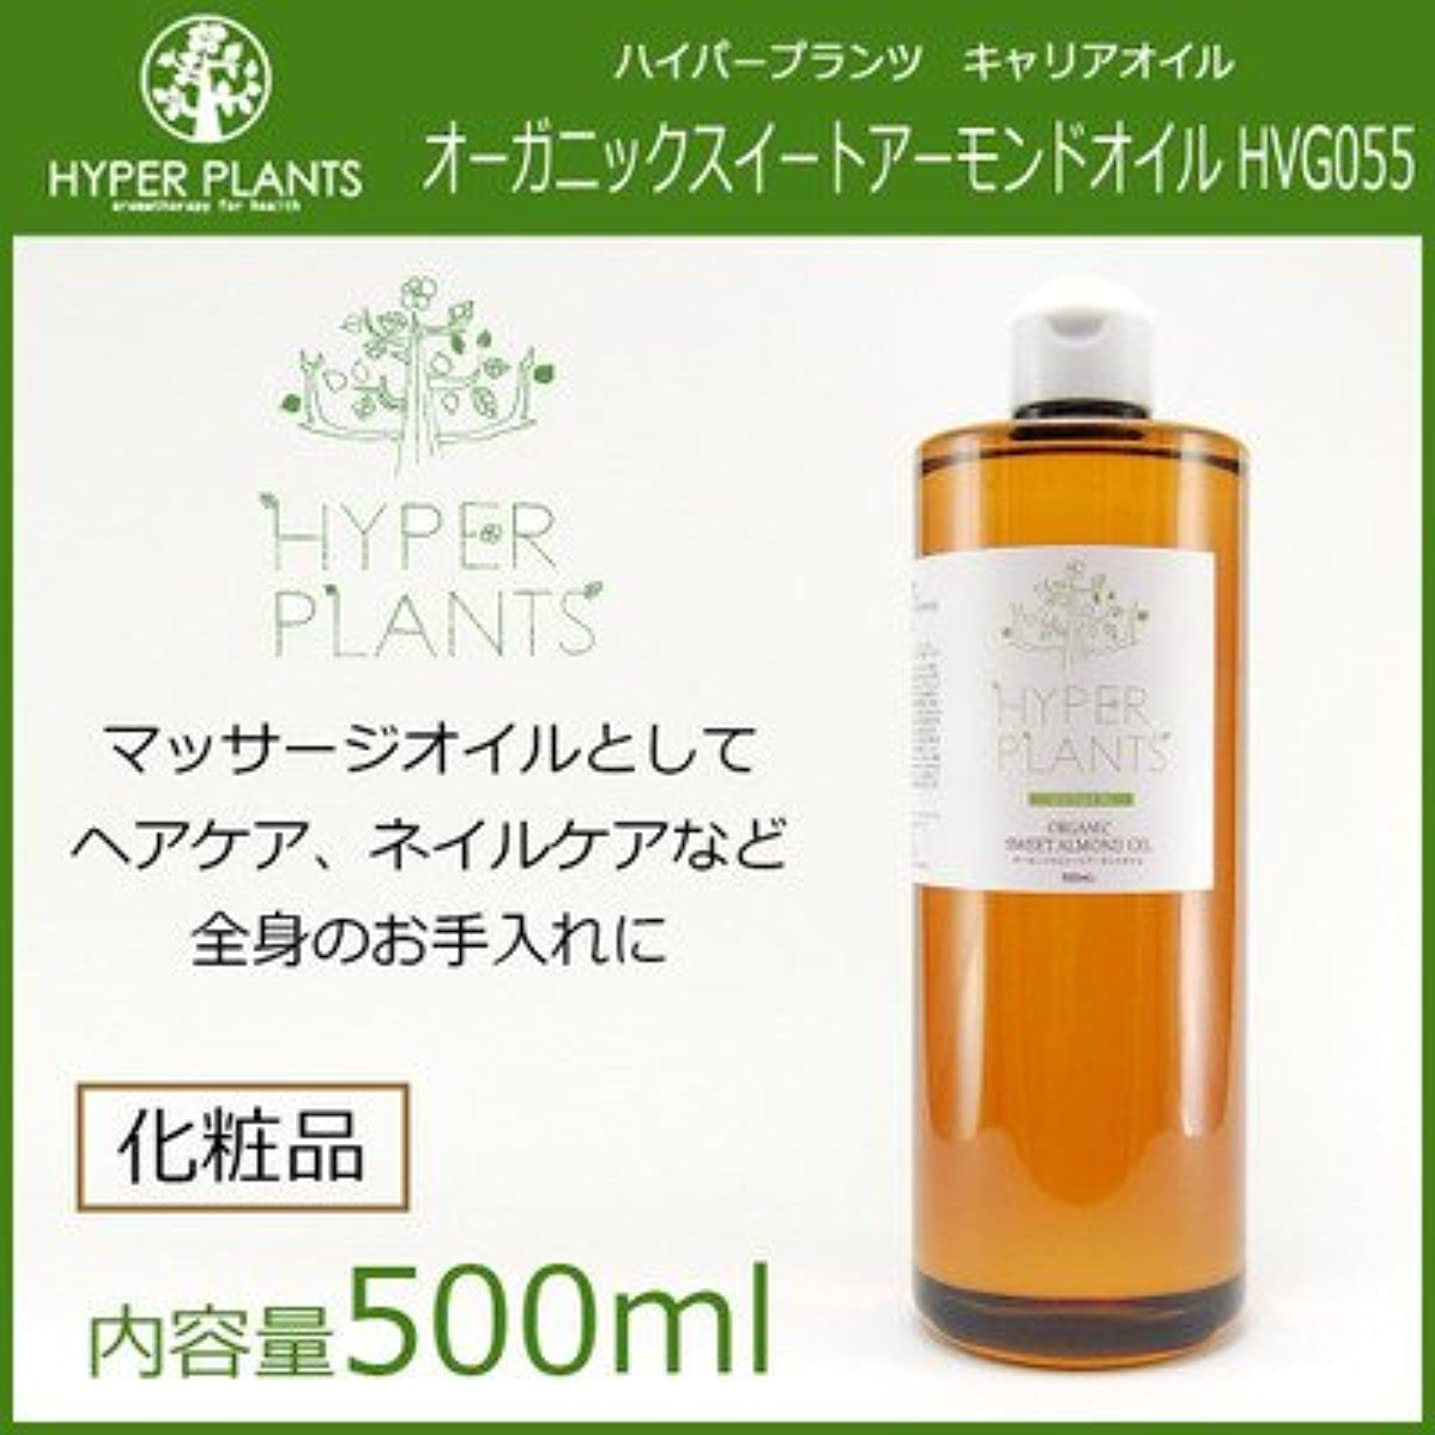 スコットランド人郵便屋さんトピック天然植物原料100%使用 肌をやさしく守る定番オイル HYPER PLANTS ハイパープランツ キャリアオイル オーガニックスイートアーモンドオイル 500ml HVG055